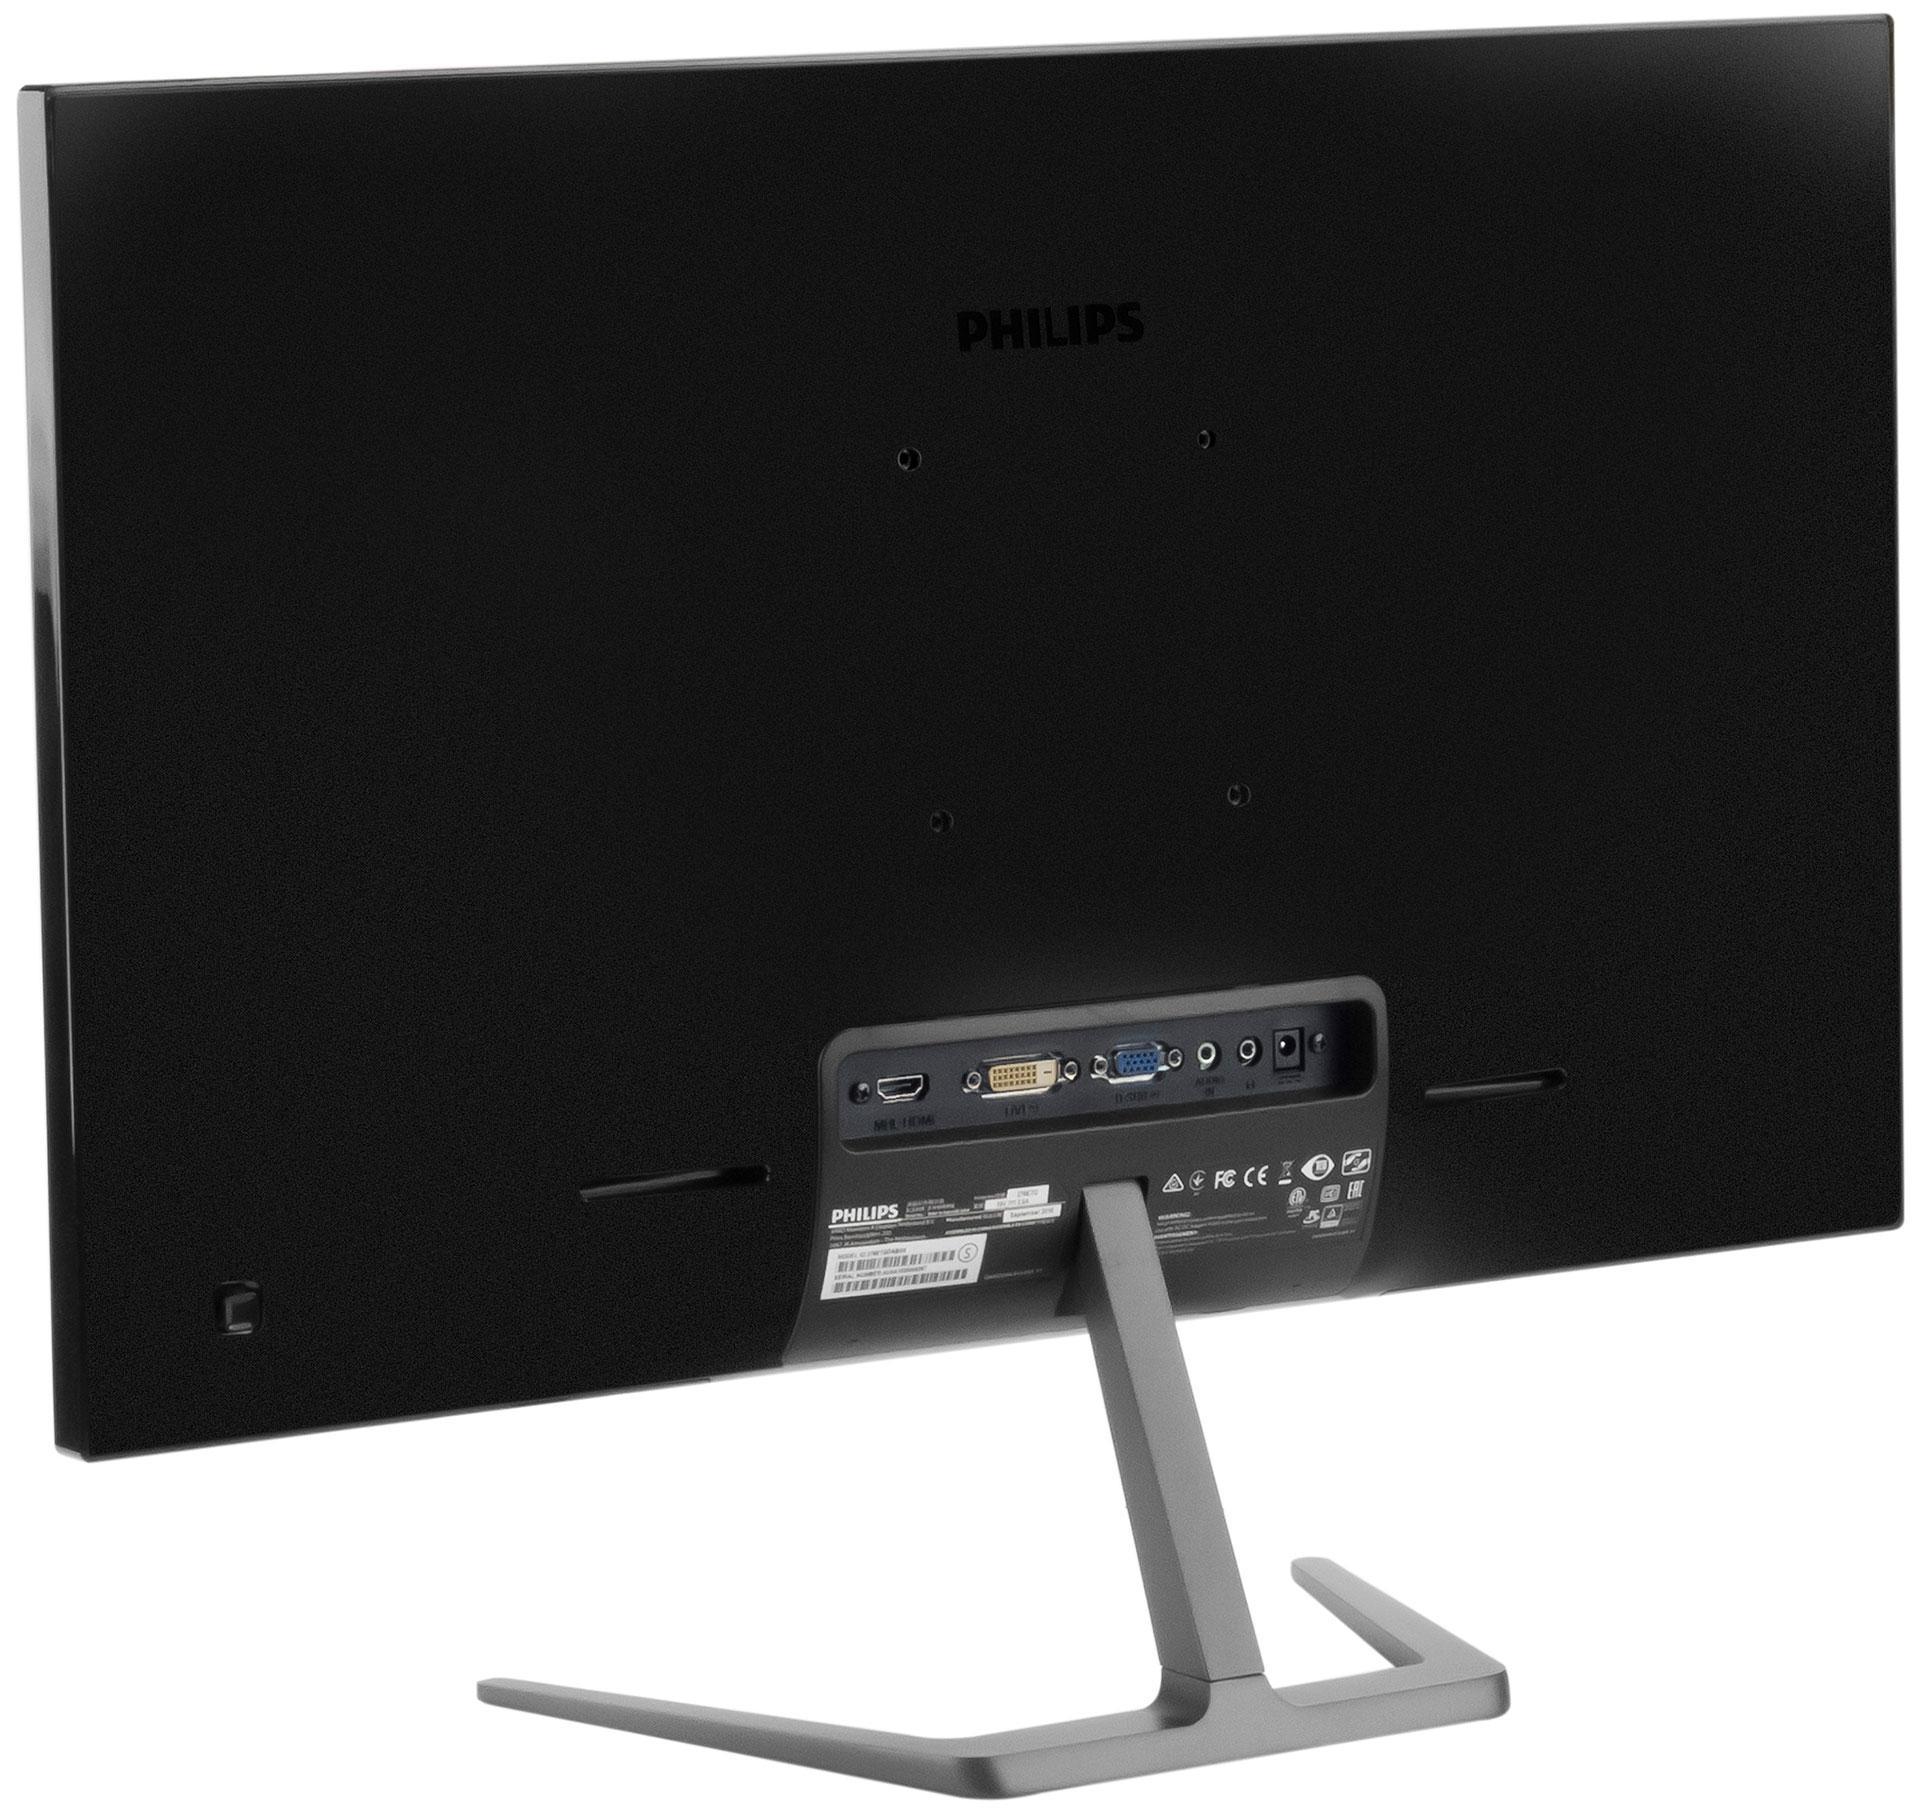 Монитор, который в моде: обзор элегантного Philips Brilliance 276E7QDAB для дома и офиса